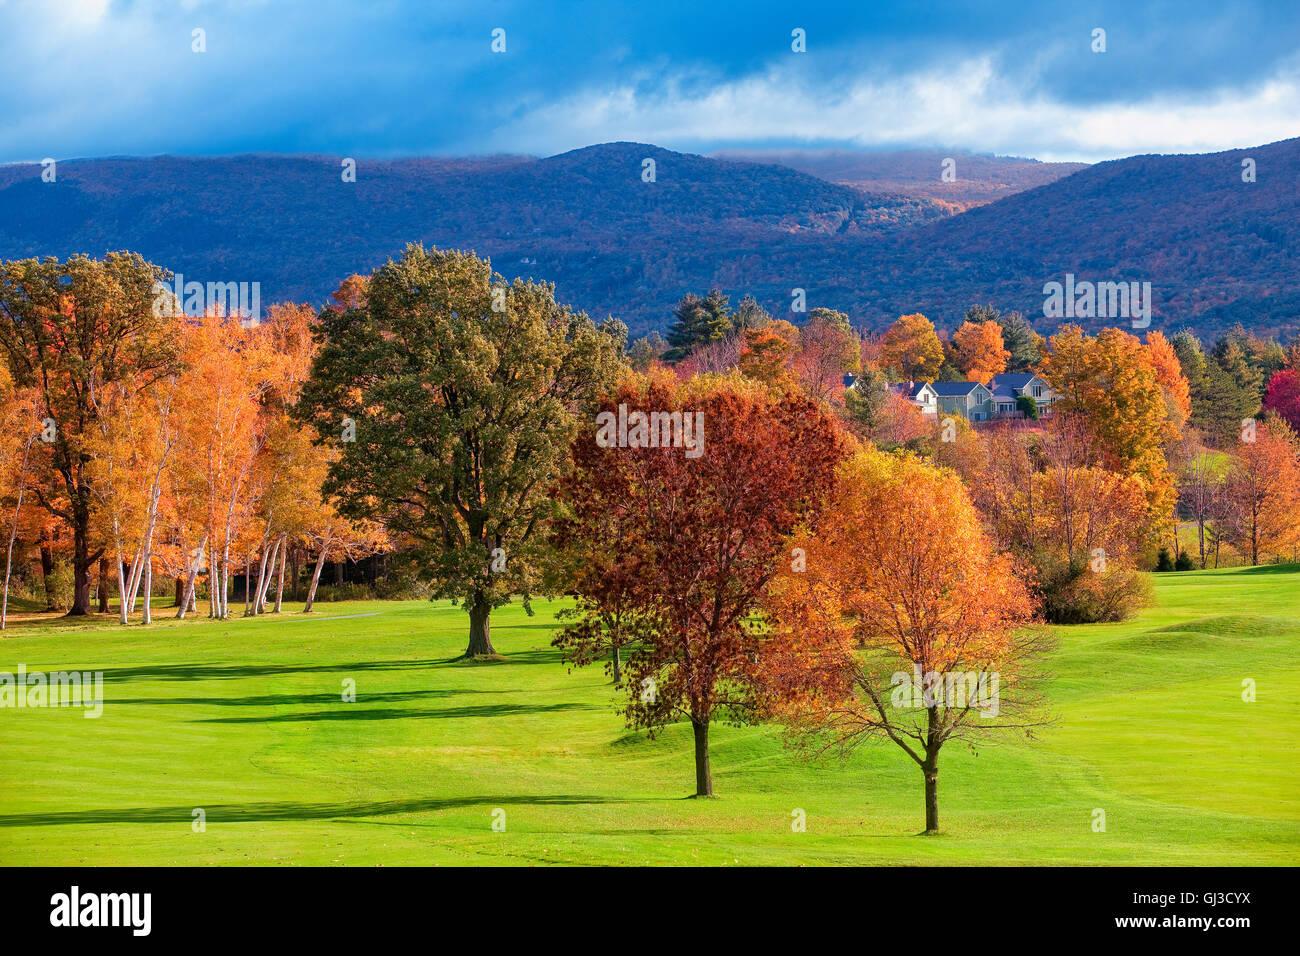 Paisaje cerca de Woodstock, Vermont, EE.UU. Imagen De Stock